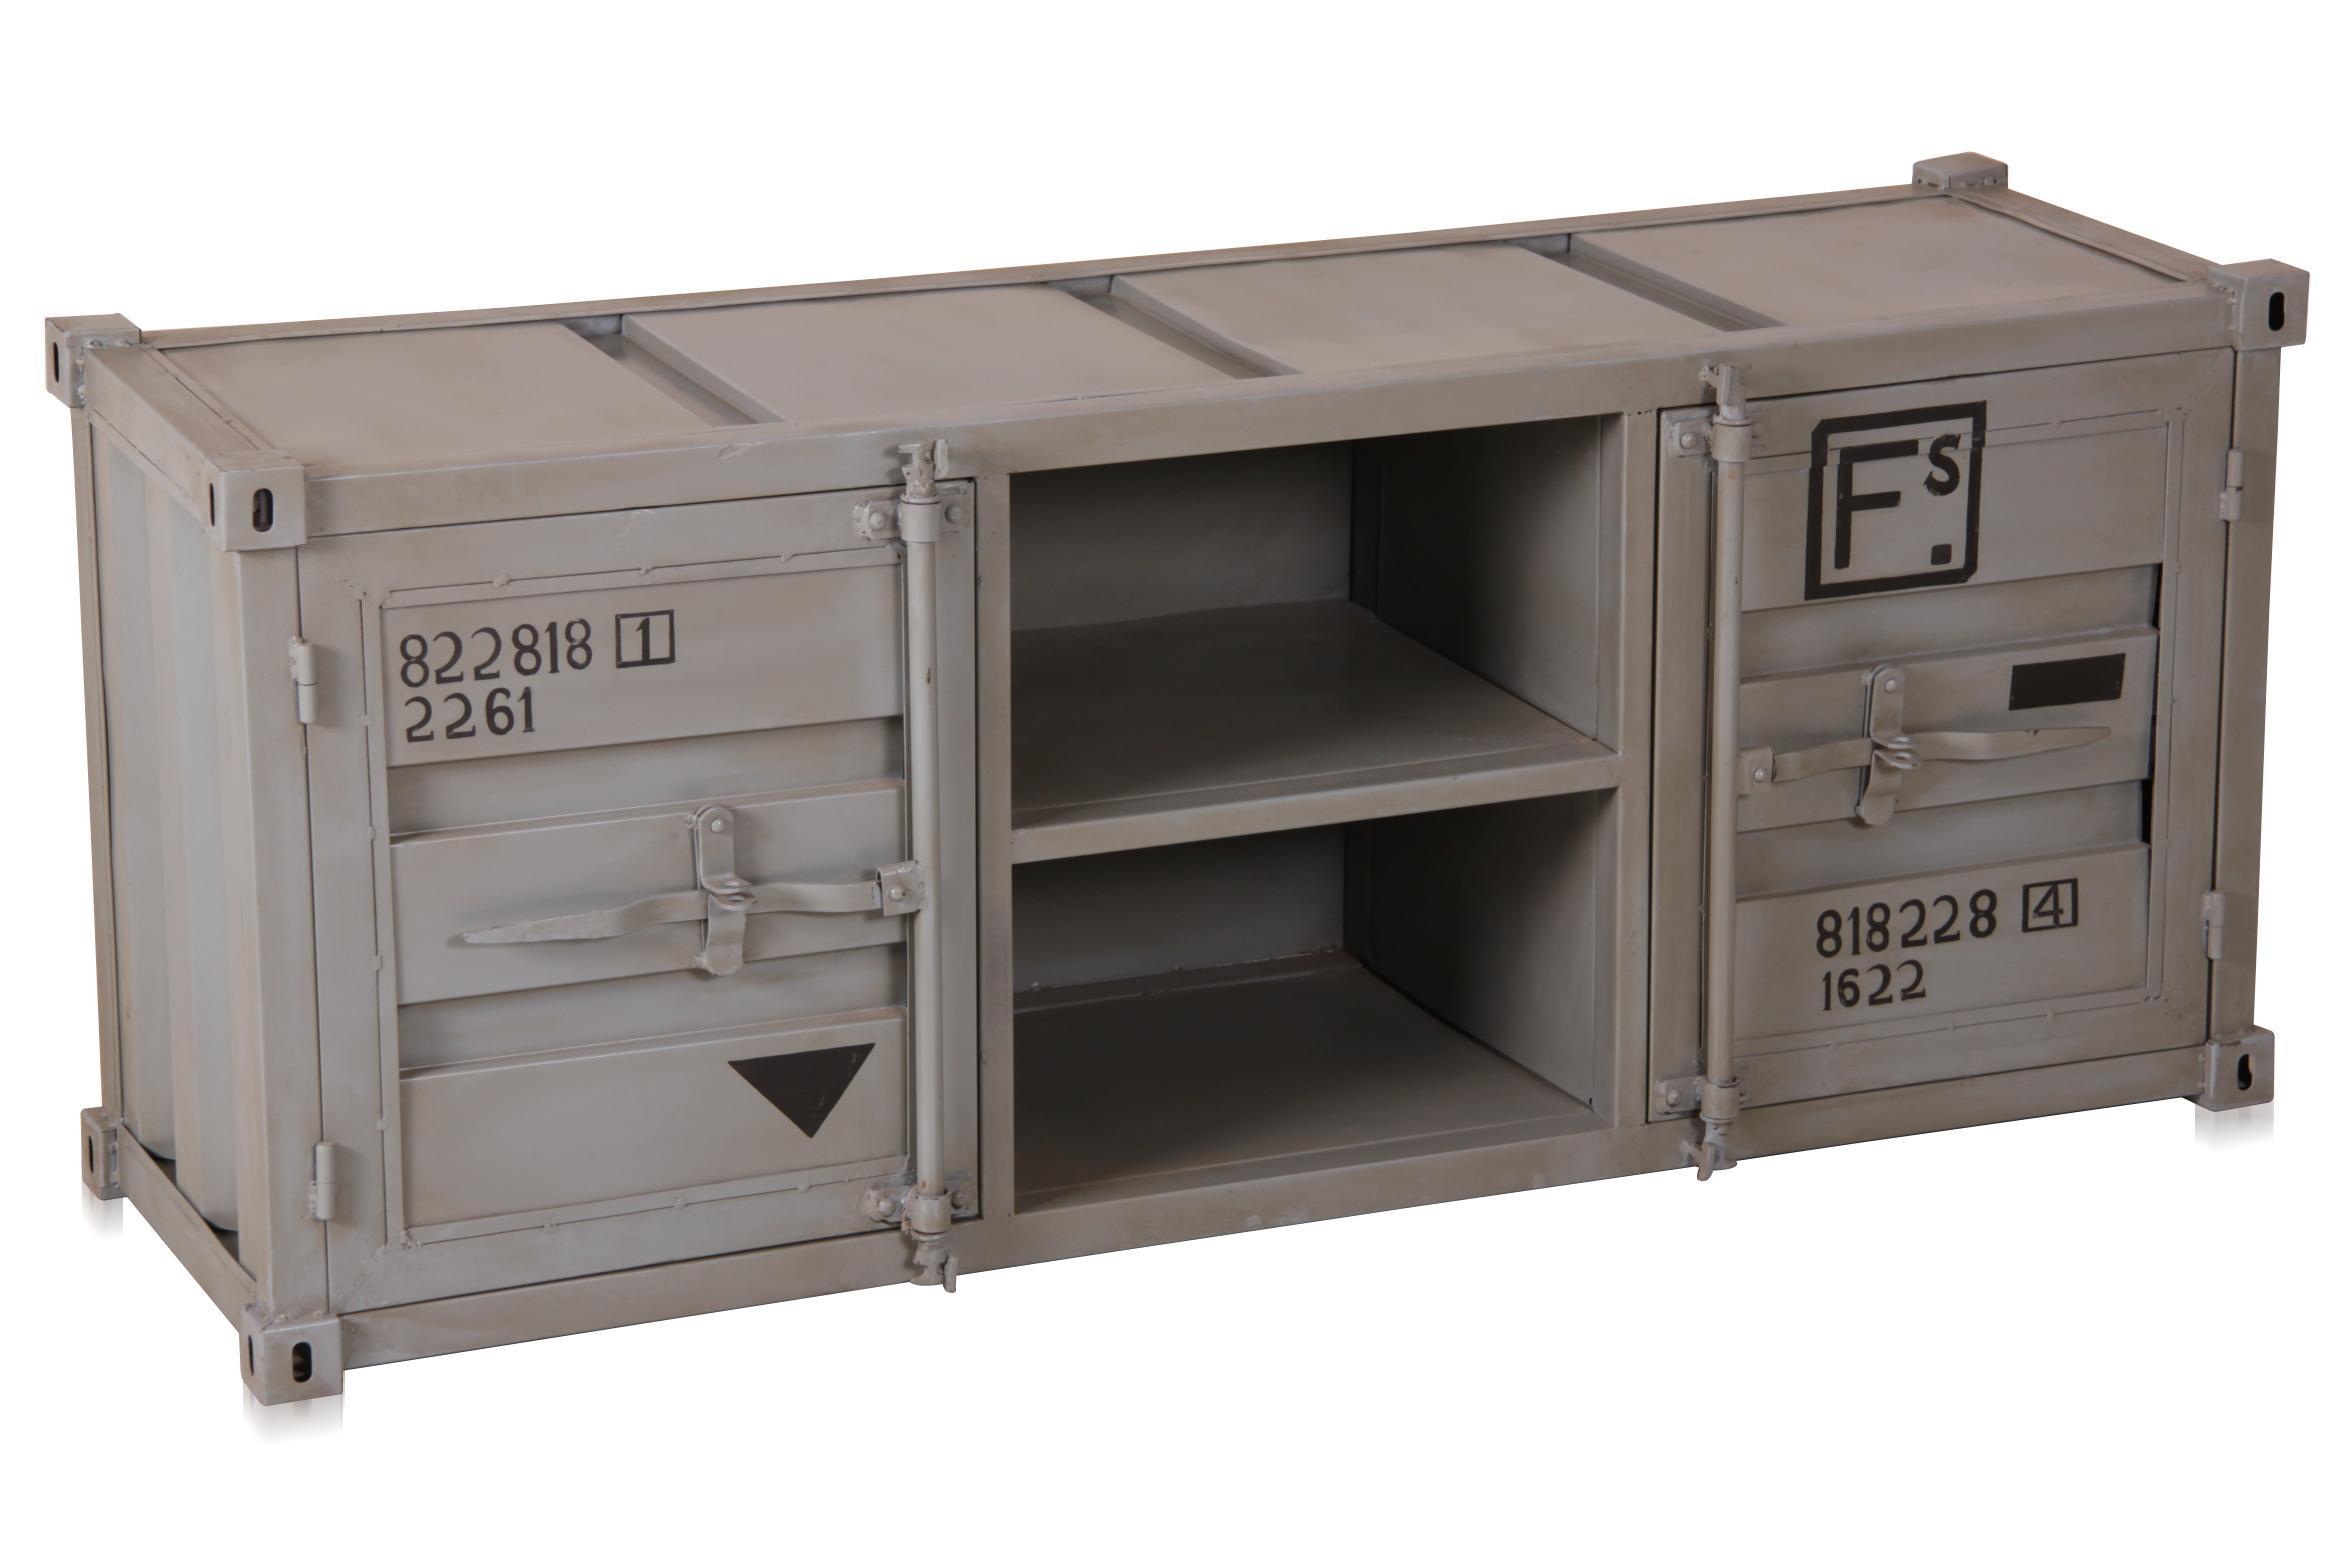 Möbel aus Eisen - Container Look Sideboard